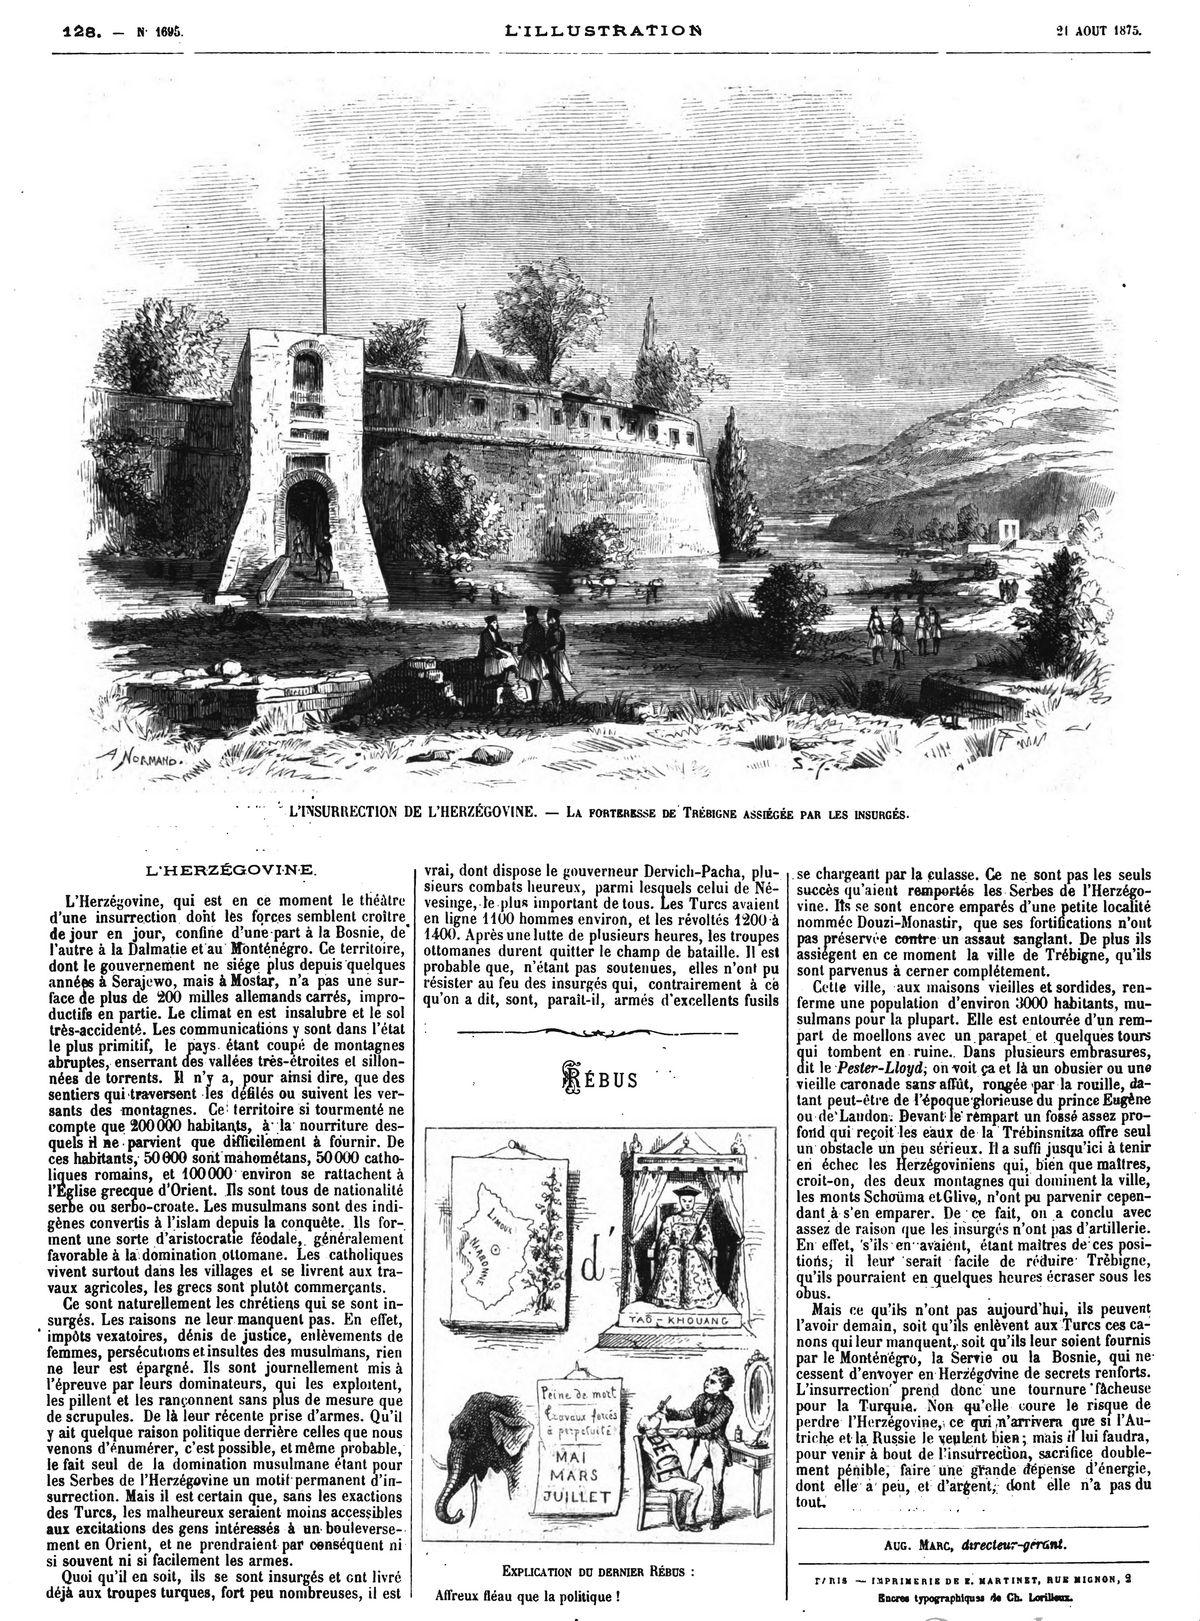 L'insurrection de l'Herzégovine : la forteresse de Trébigne assiégée par les insurgés.